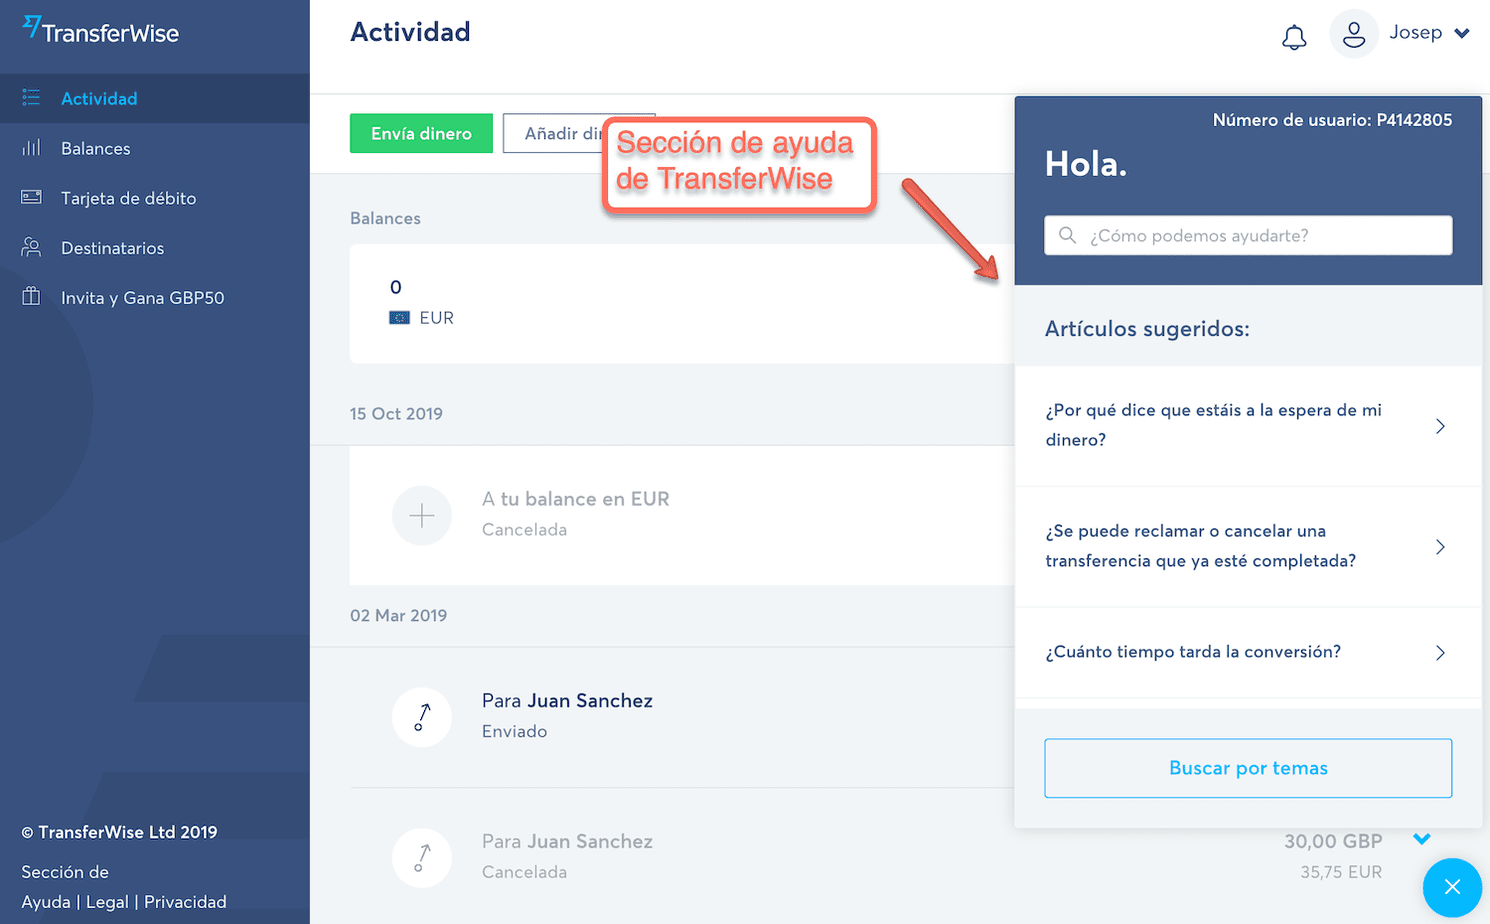 Sección de ayuda de TransferWise